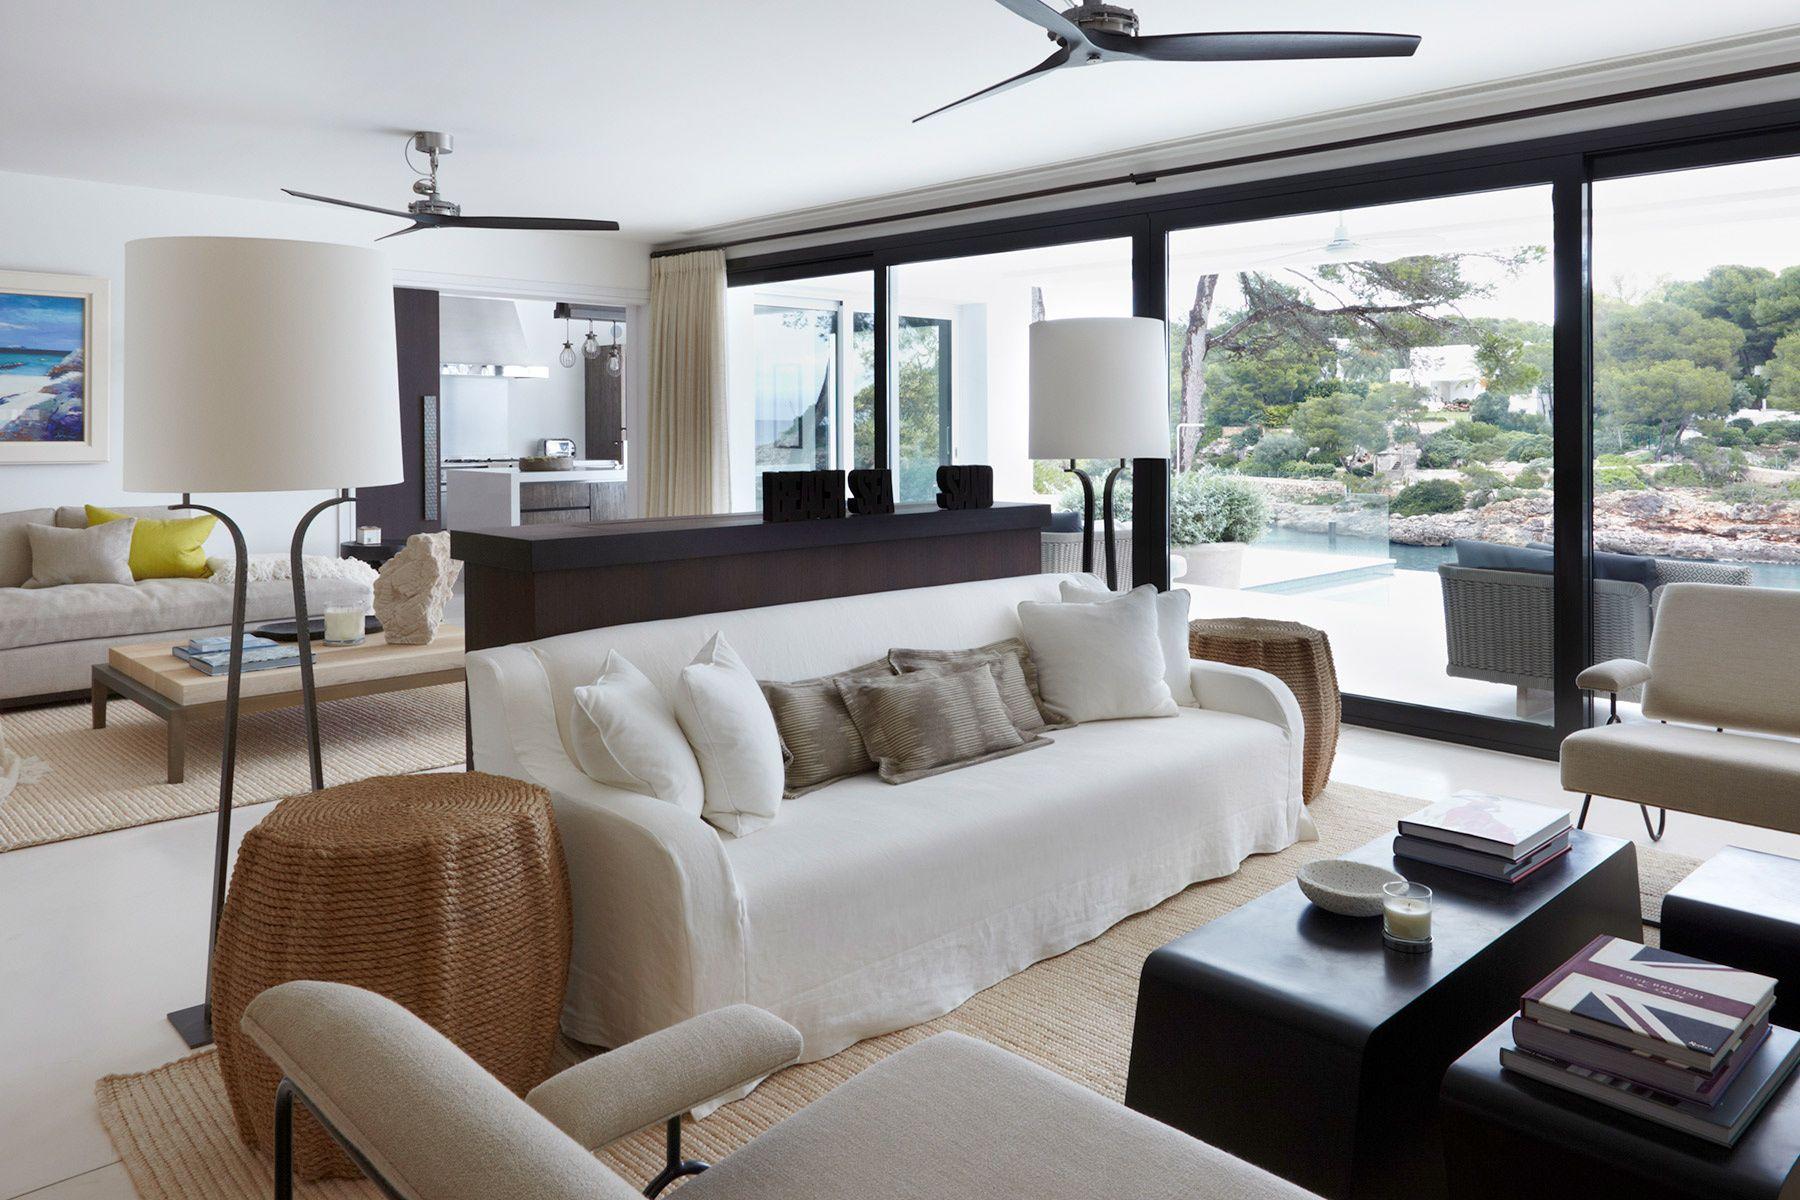 Interiores ad españa ray main diseño ideas y más